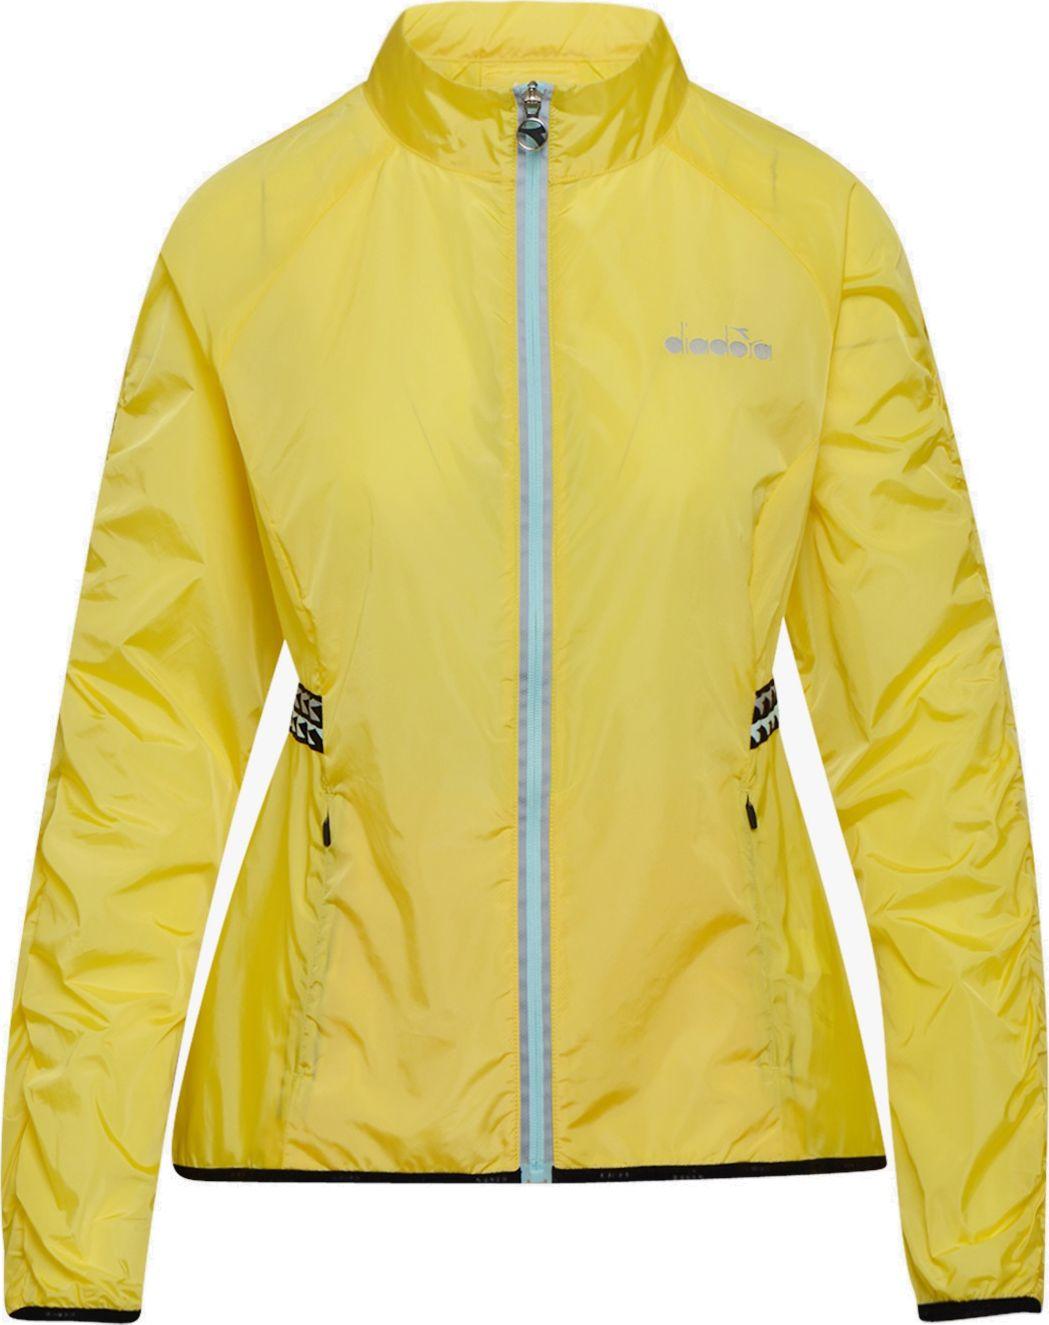 DIADORA L. Windbreaker Jacket Goldfinch M